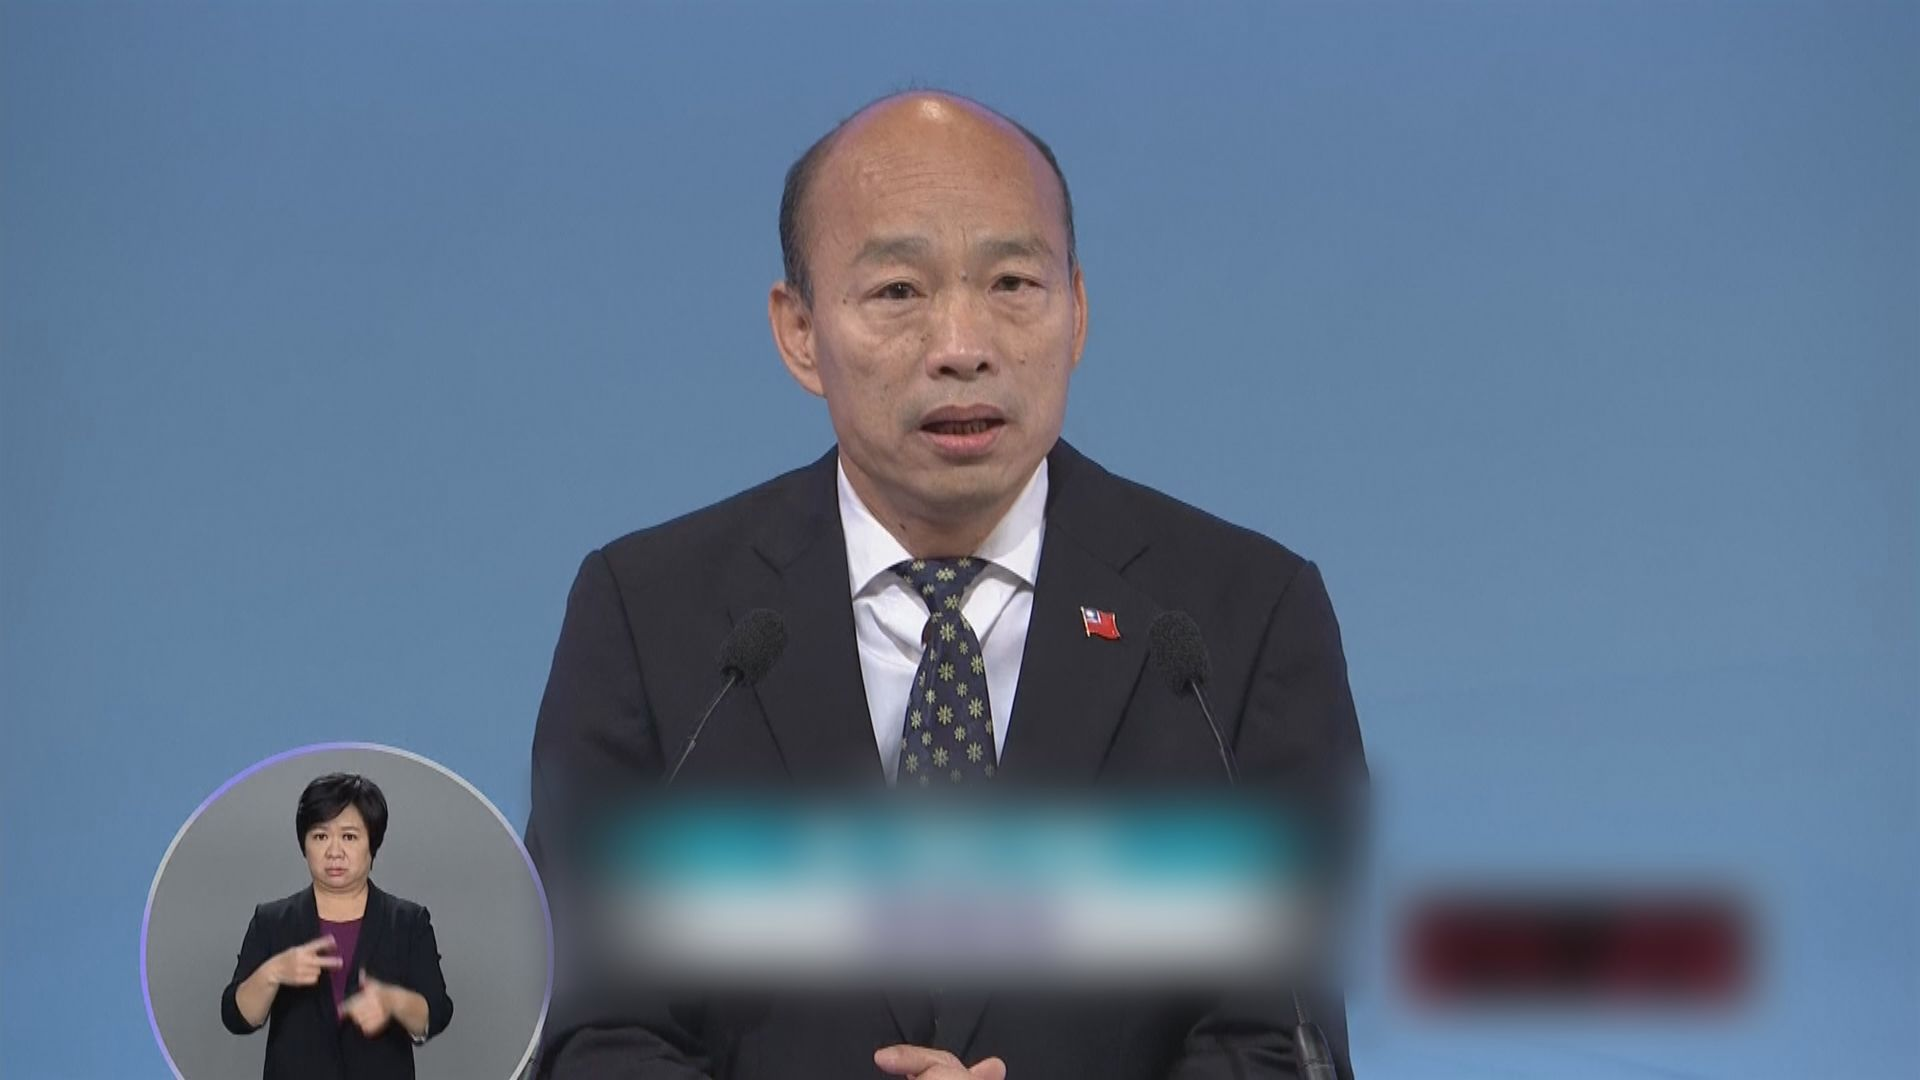 韓國瑜:蔡英文和民進黨是最大的賣台集團